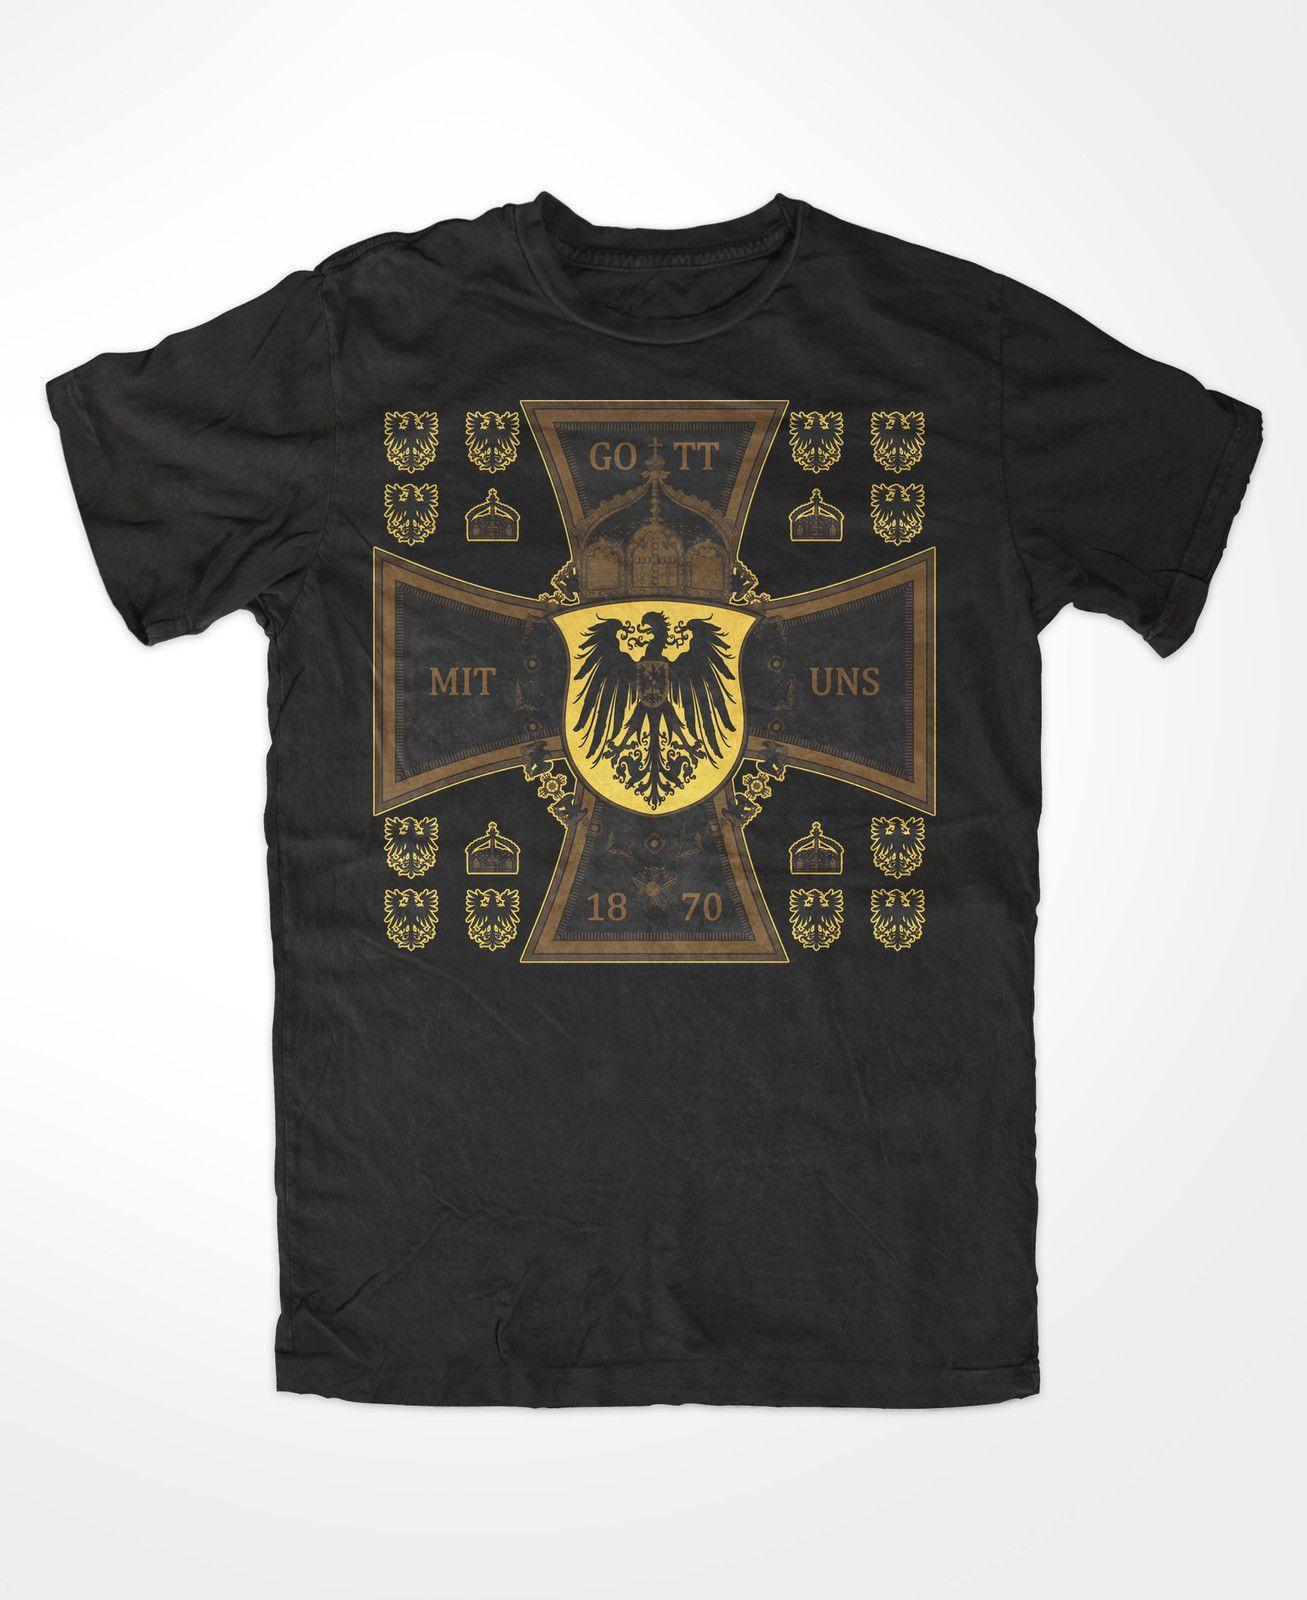 Herren T Shirts von Adler im Online Shop